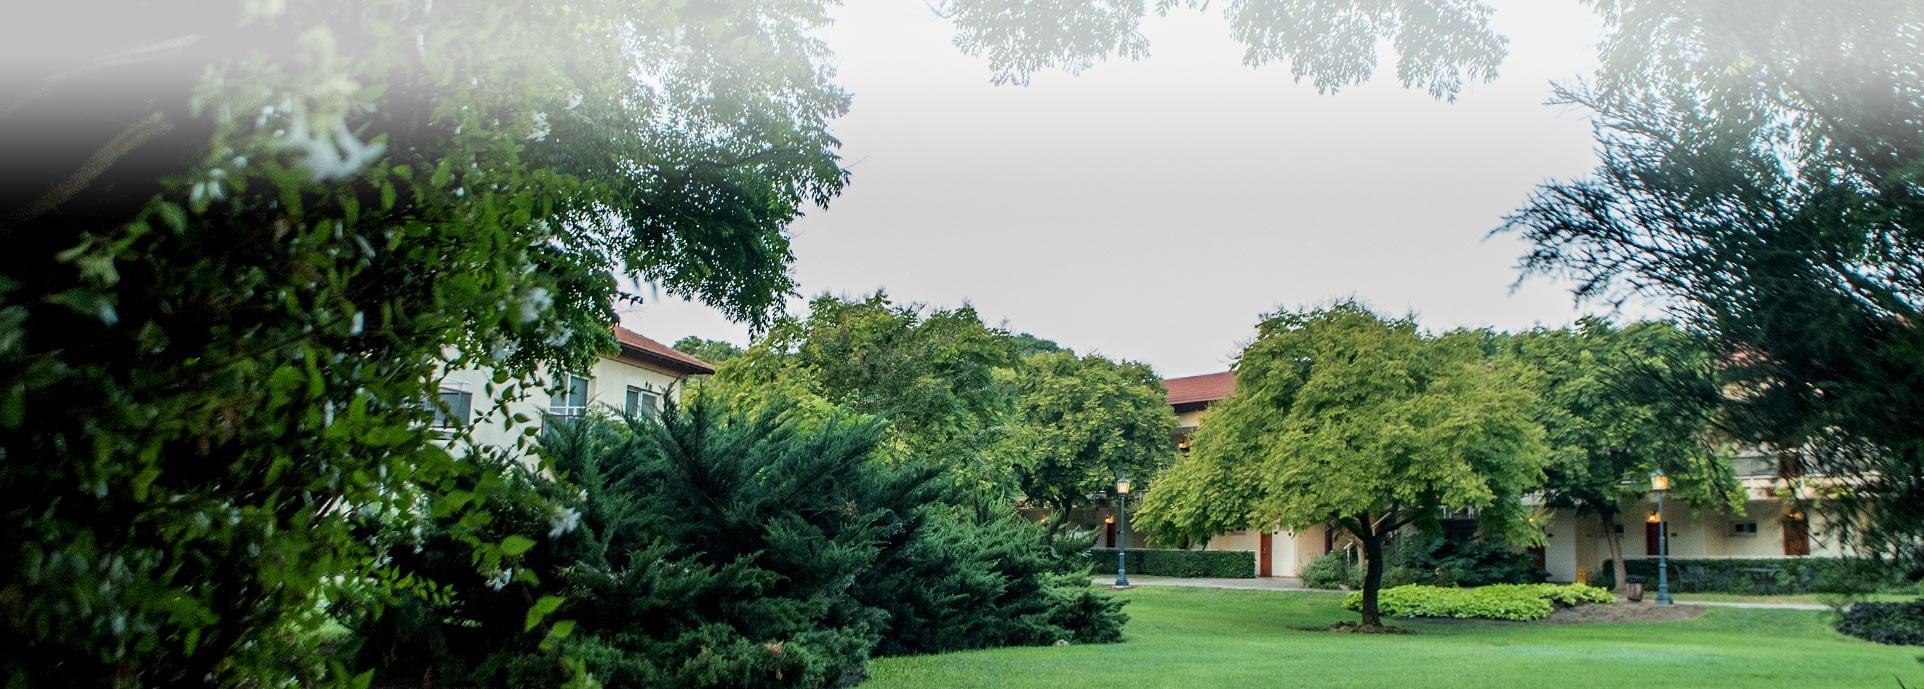 מלון פסטורל כפר בלום - נוף ירוק